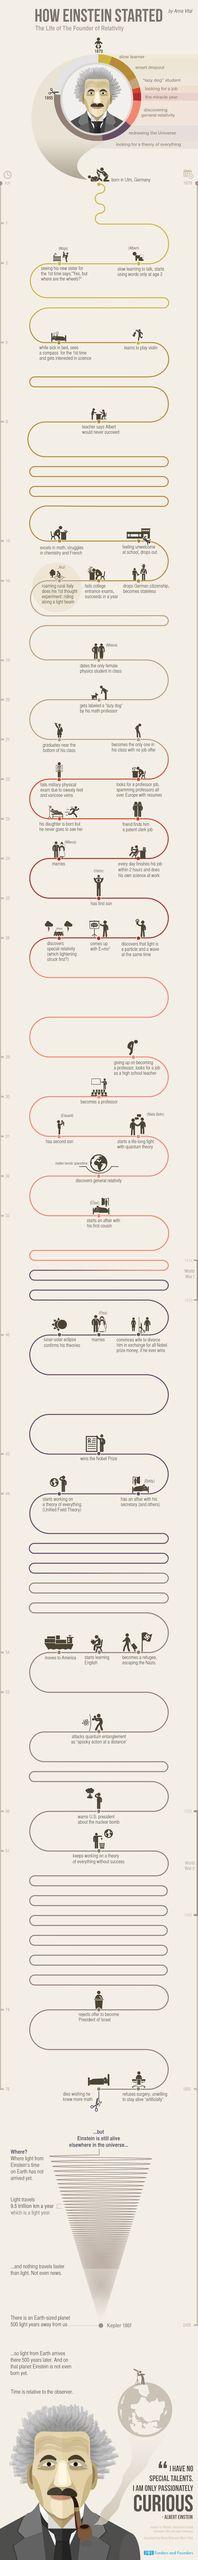 Visuell aufgearbeitete Lebensläufe von Einstein bis Musk http://lofter.de/04-05-2016/lebenslaeufe-mal-visuell/